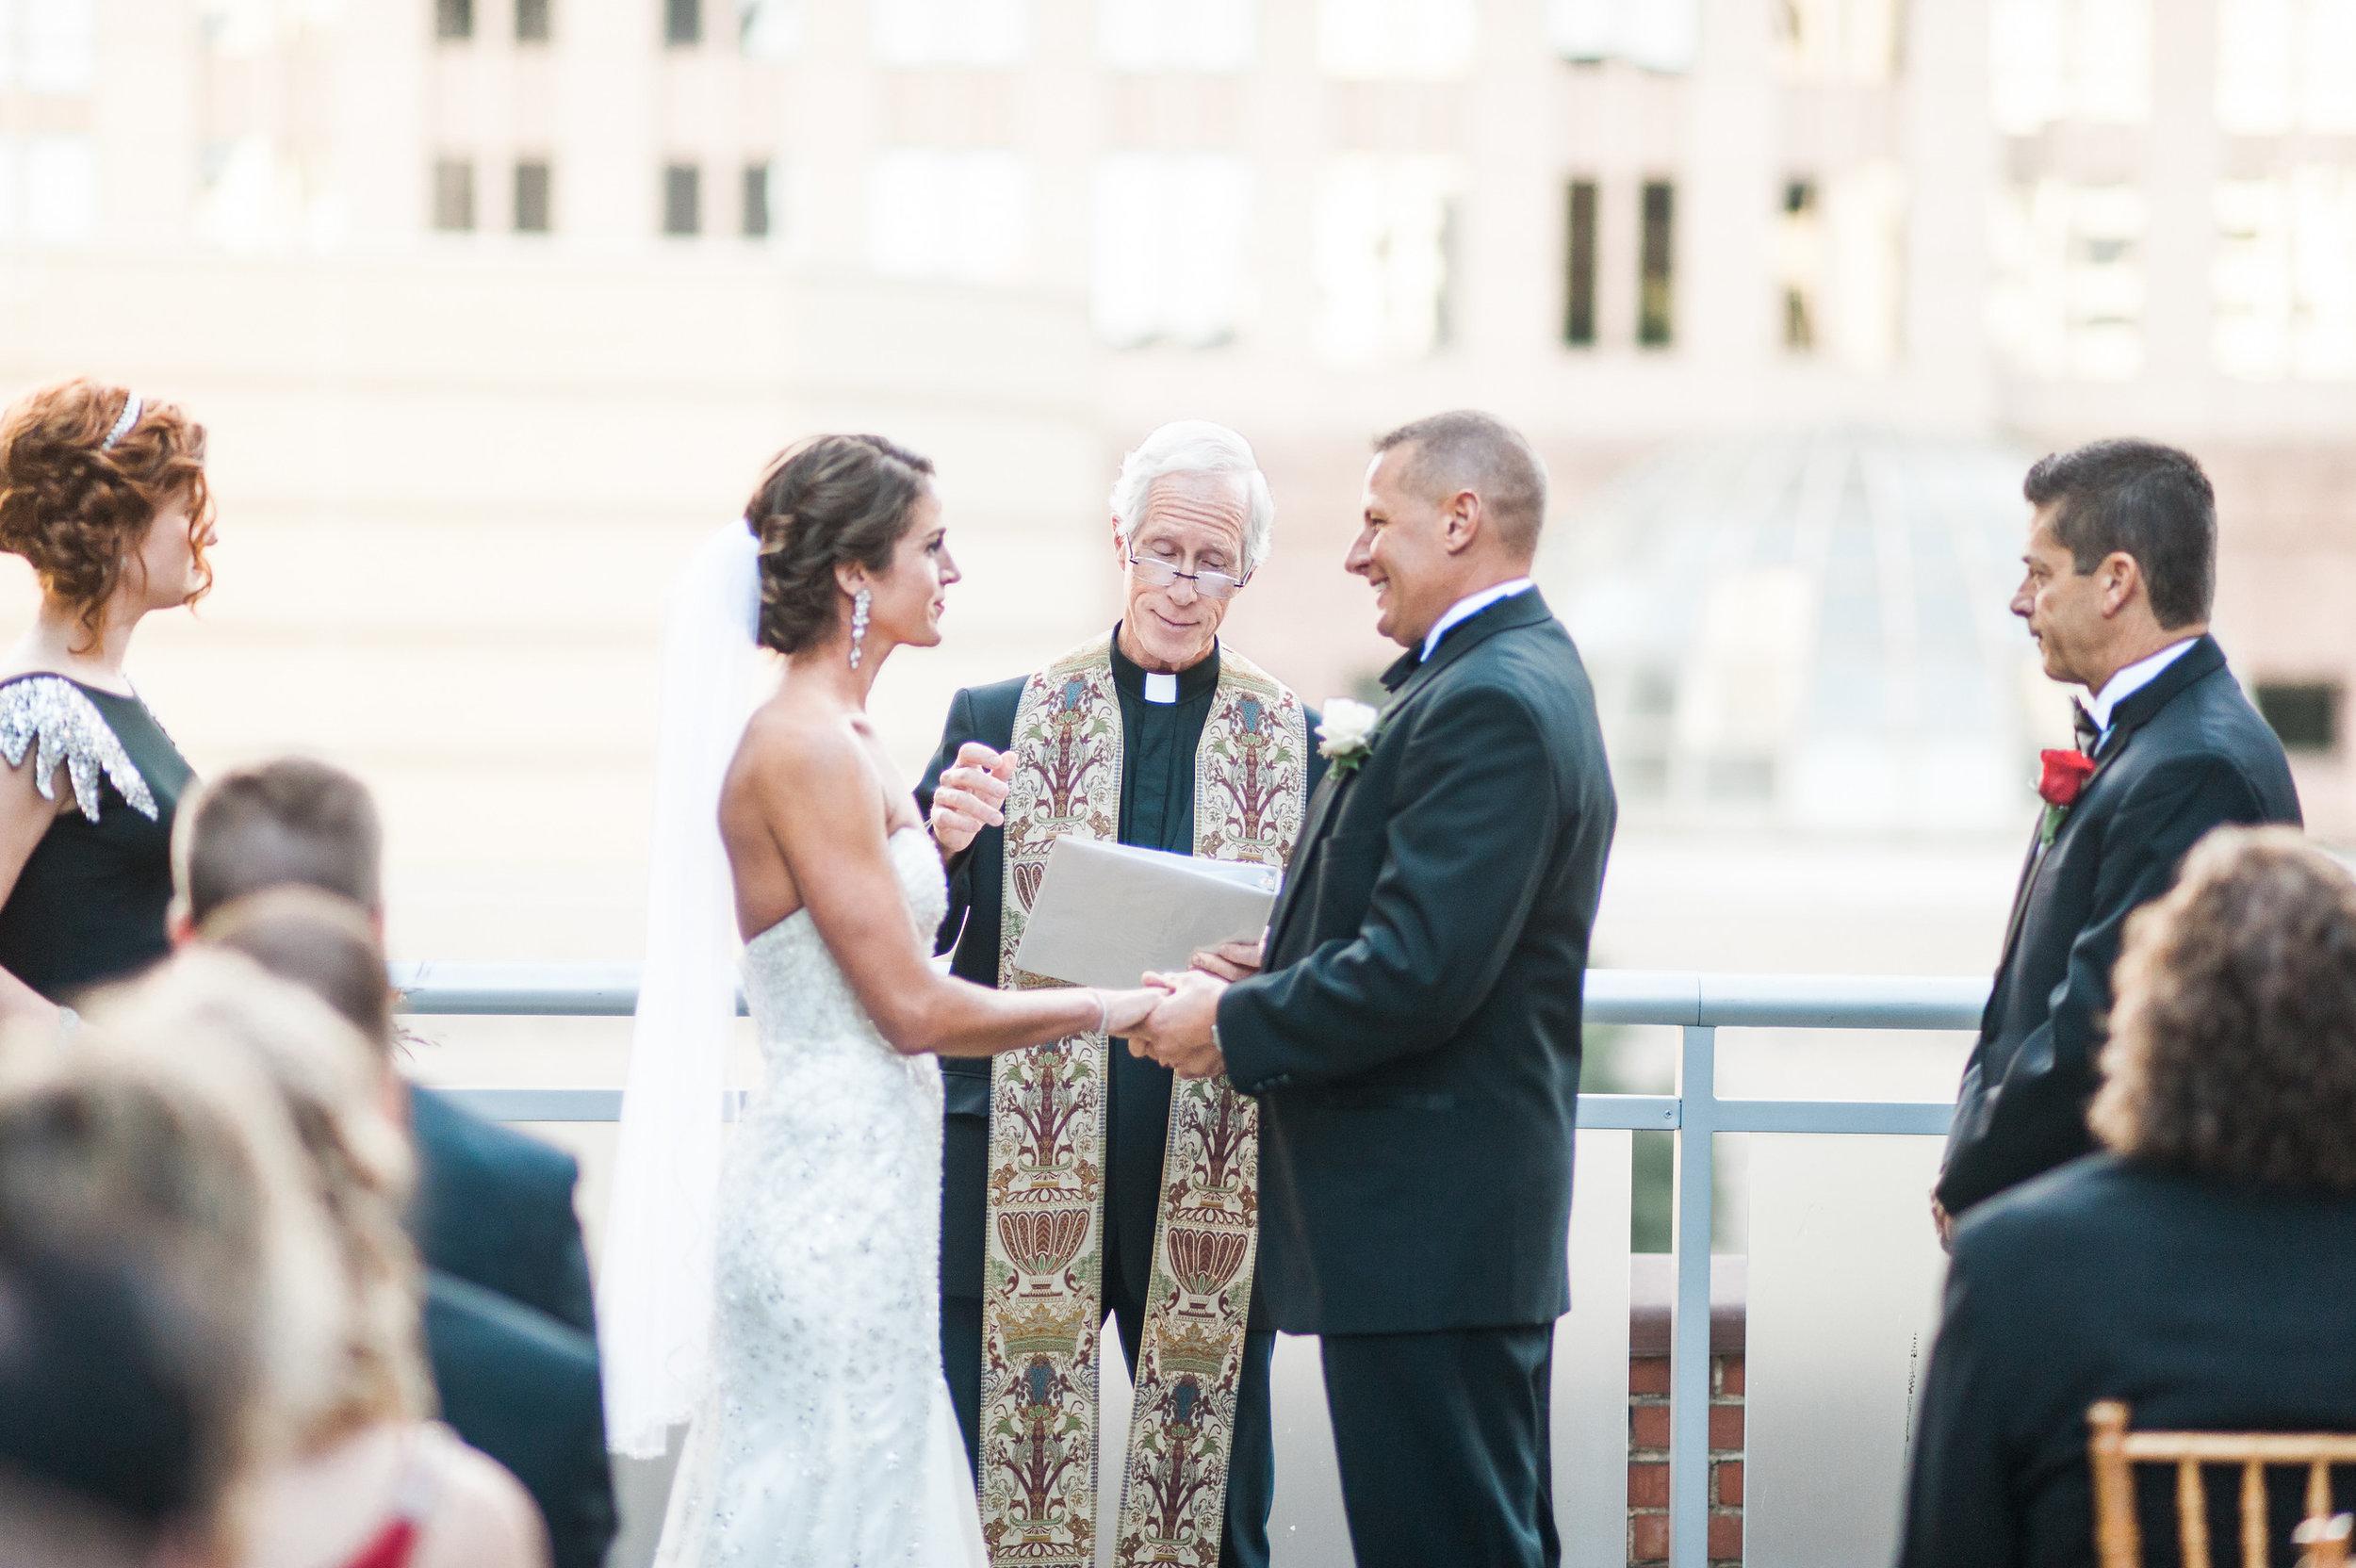 hoke-wedding-173-X5.jpg